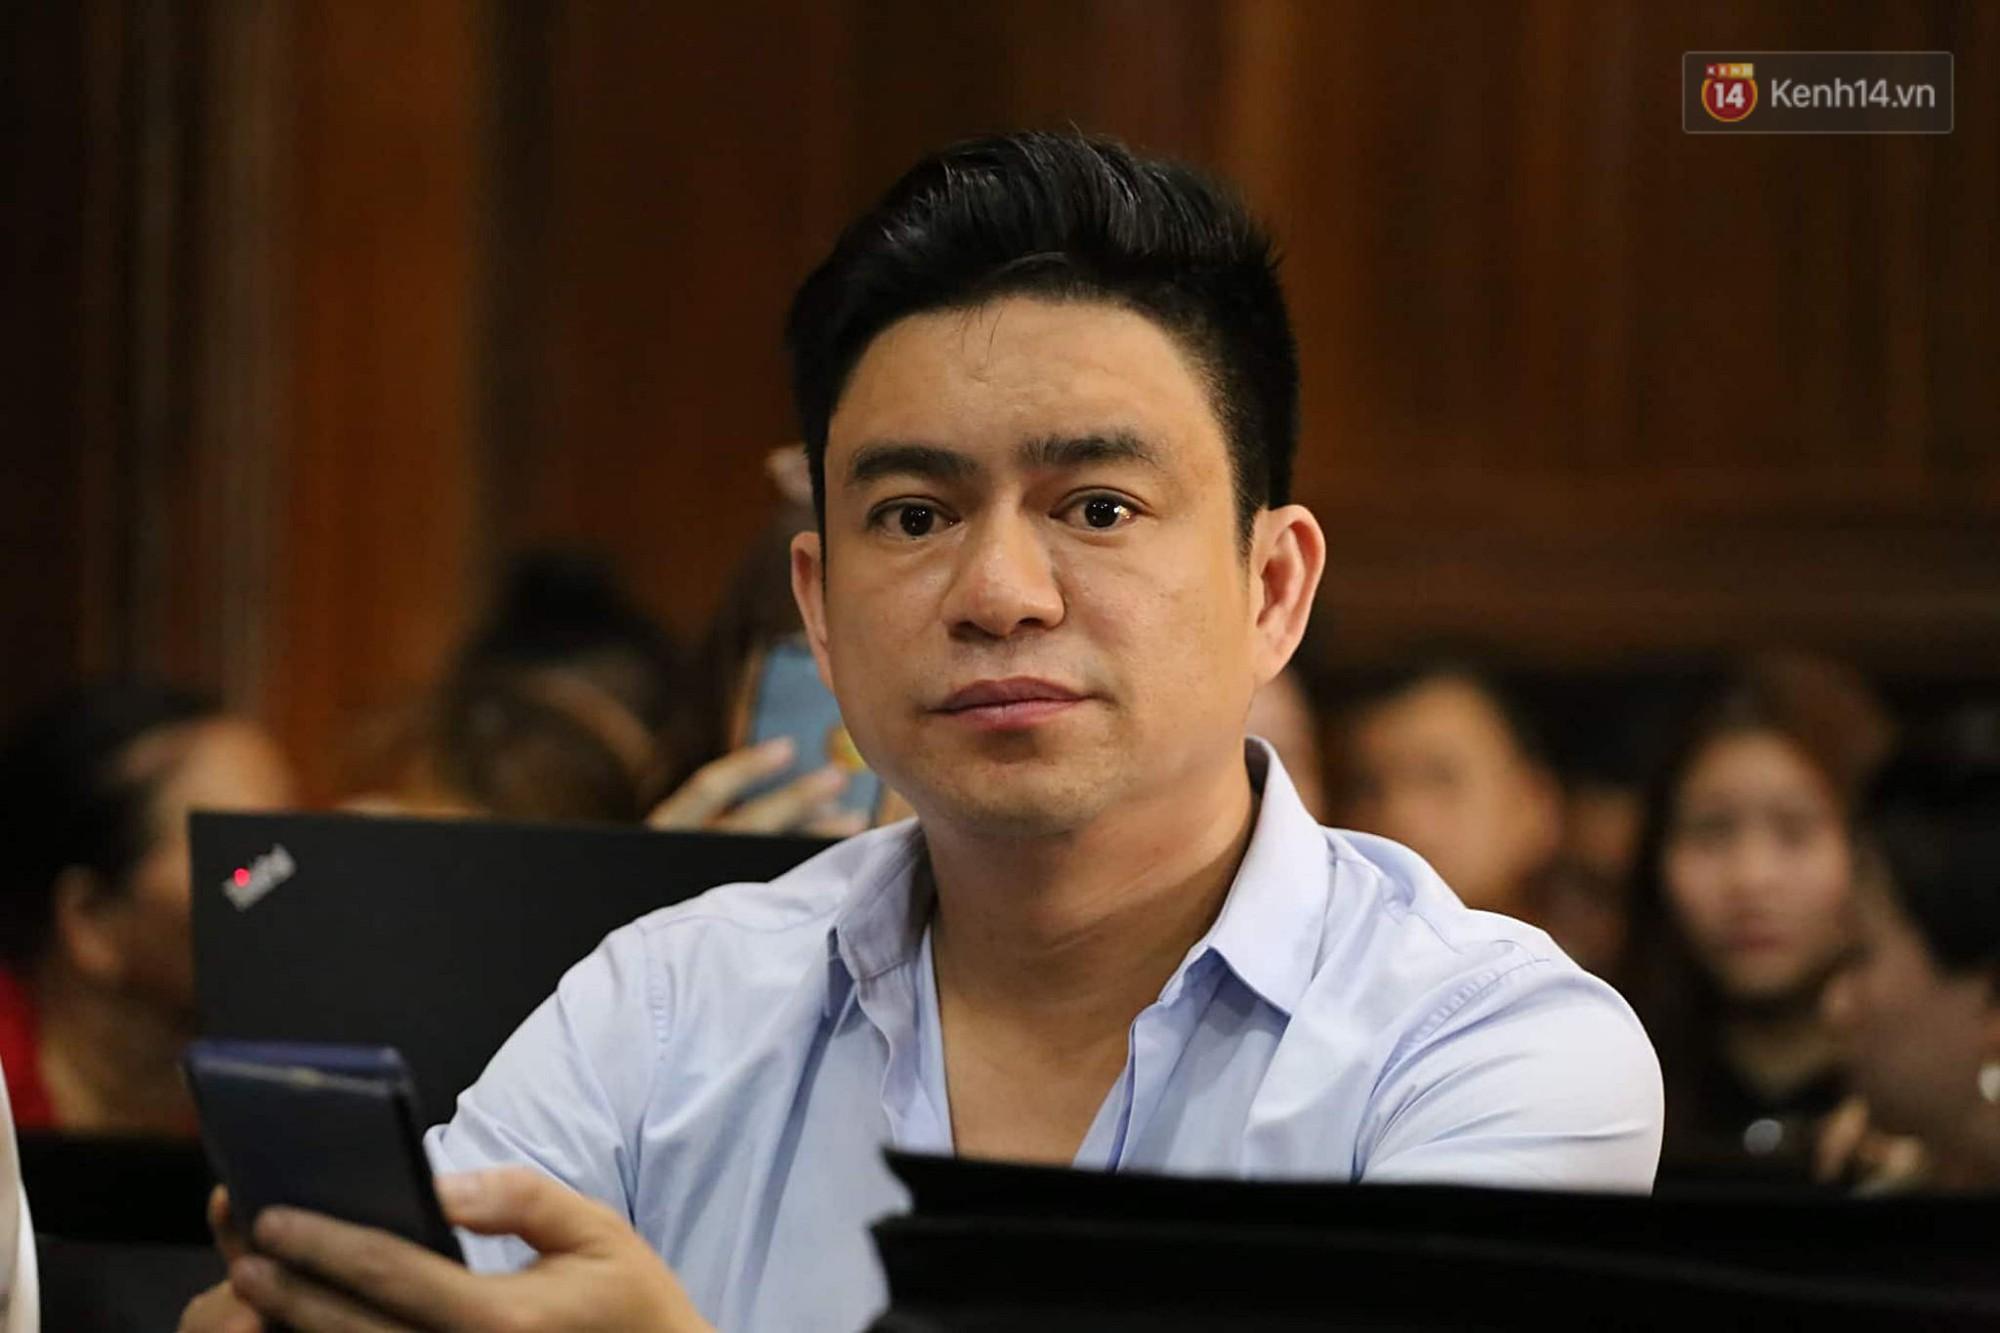 Bác sĩ Chiêm Quốc Thái và mẹ vợ đấu khẩu gay gắt trước phiên tòa xét xử vụ vợ bỏ 1 tỷ thuê giang hồ truy sát chồng-2